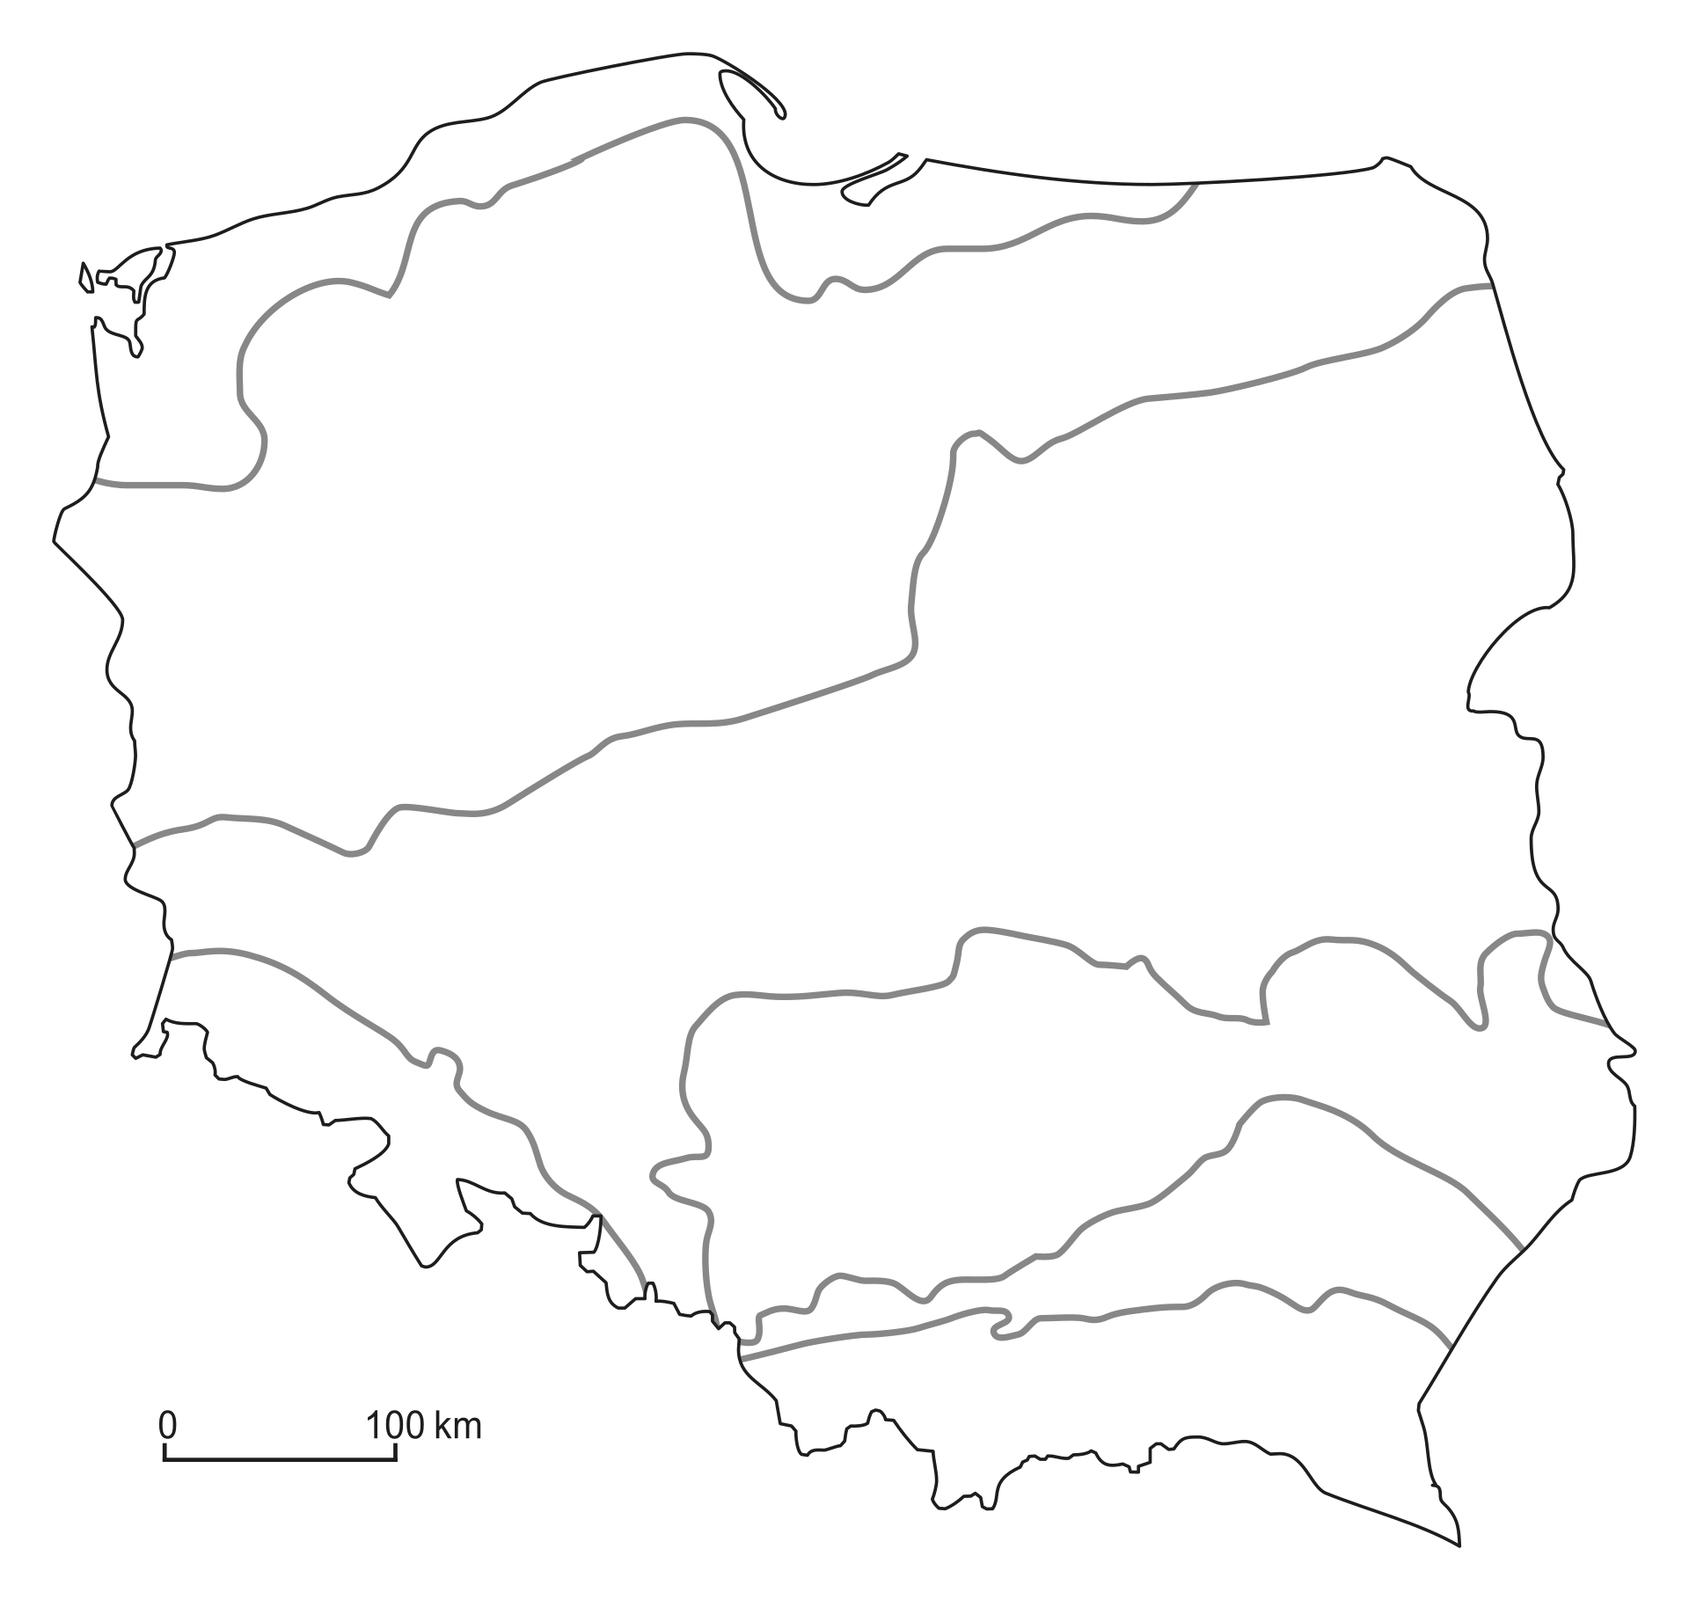 Na ilustracji mapa konturowa. Wydzielono pasy rzeźby terenu wPolsce.